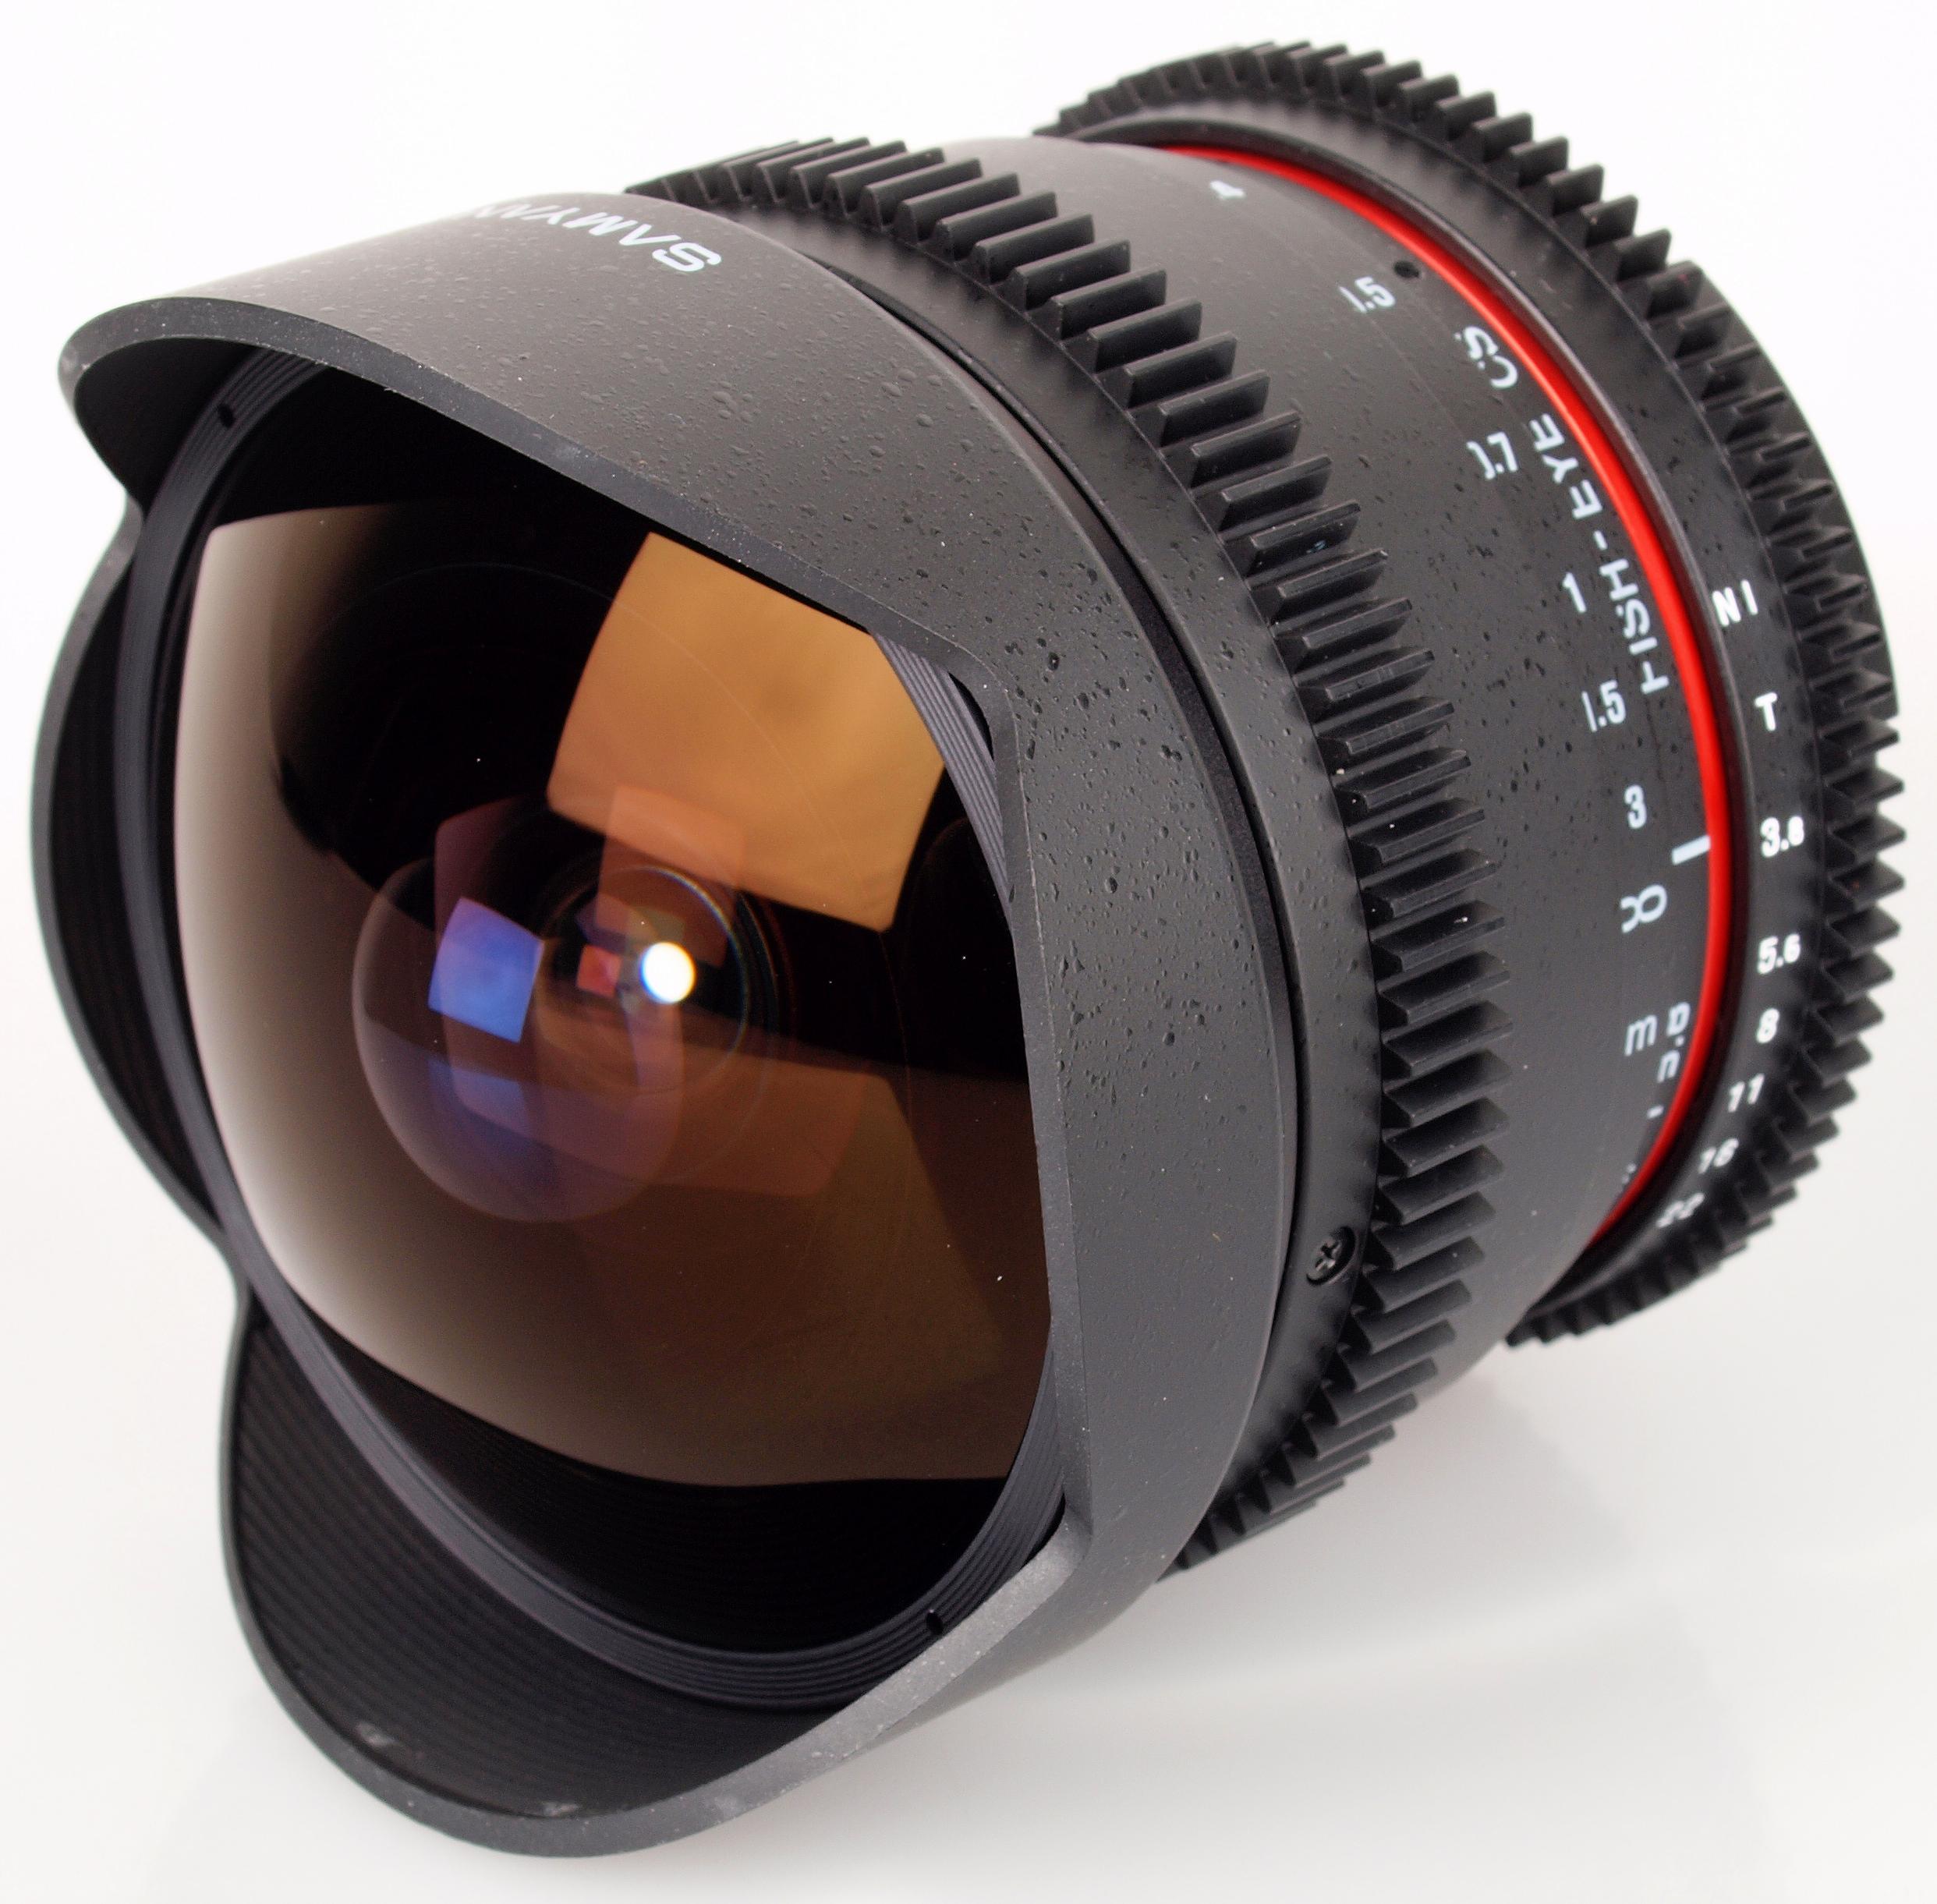 Image result for fisheye lense